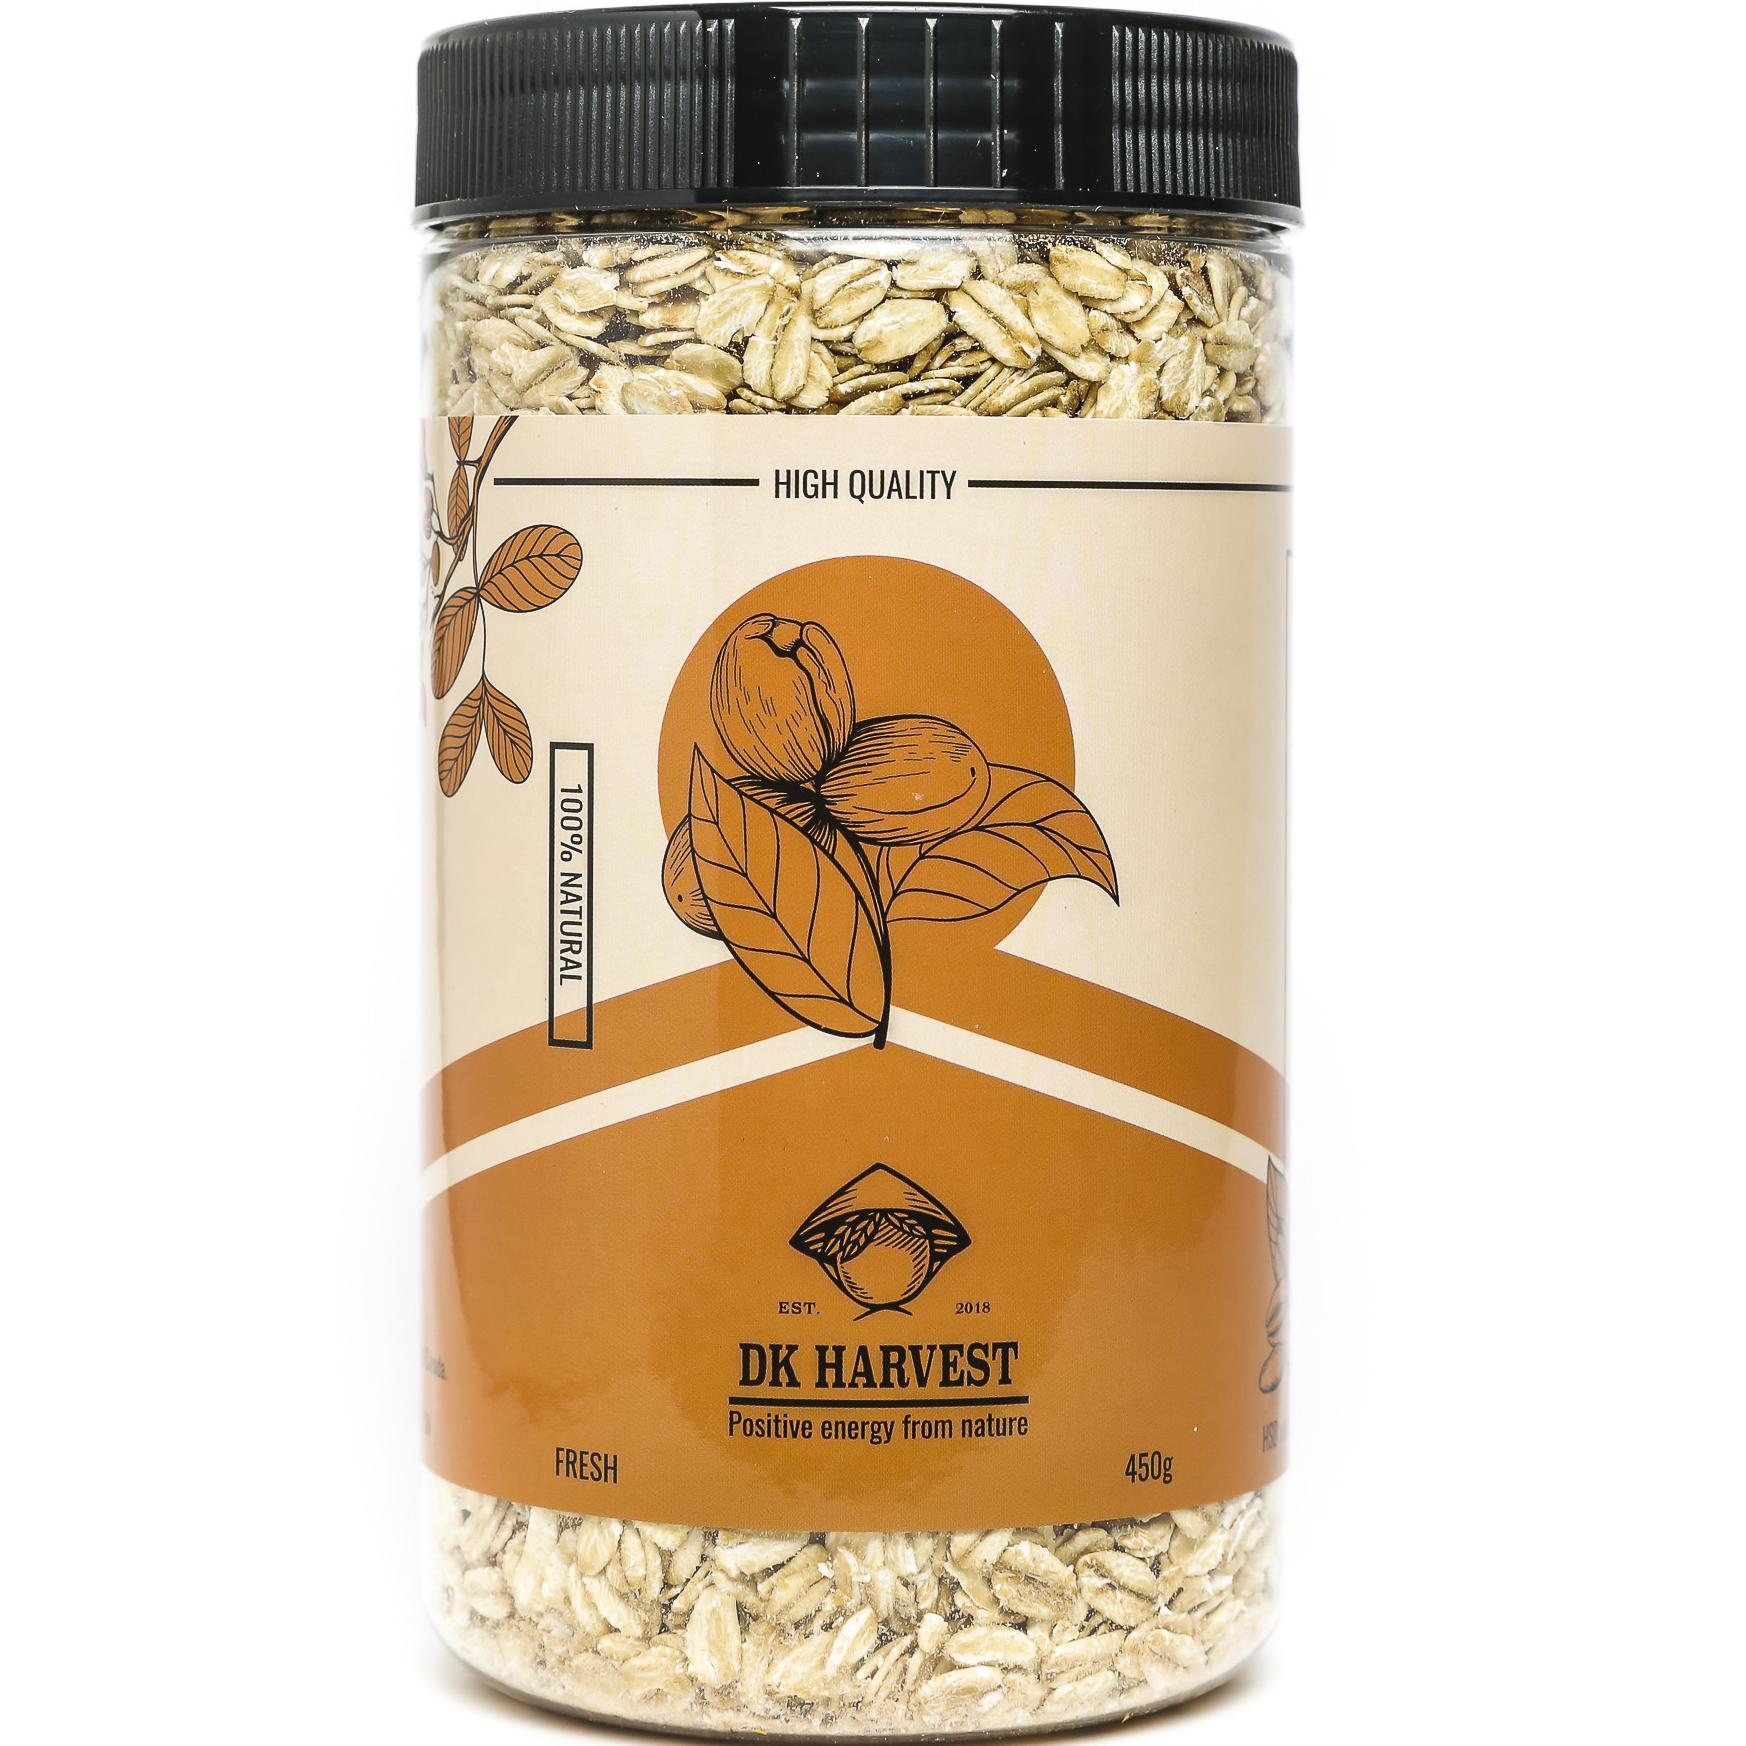 Yến mạch nguyên hạt DK HARVEST Nhập Khẩu Úc 450g – yến mạch tươi ăn liền nguồn cung cấp chất xơ tốt, đặc biệt là beta glucan và rất giàu các vitamin, khoáng chất và chất chống oxy hóa